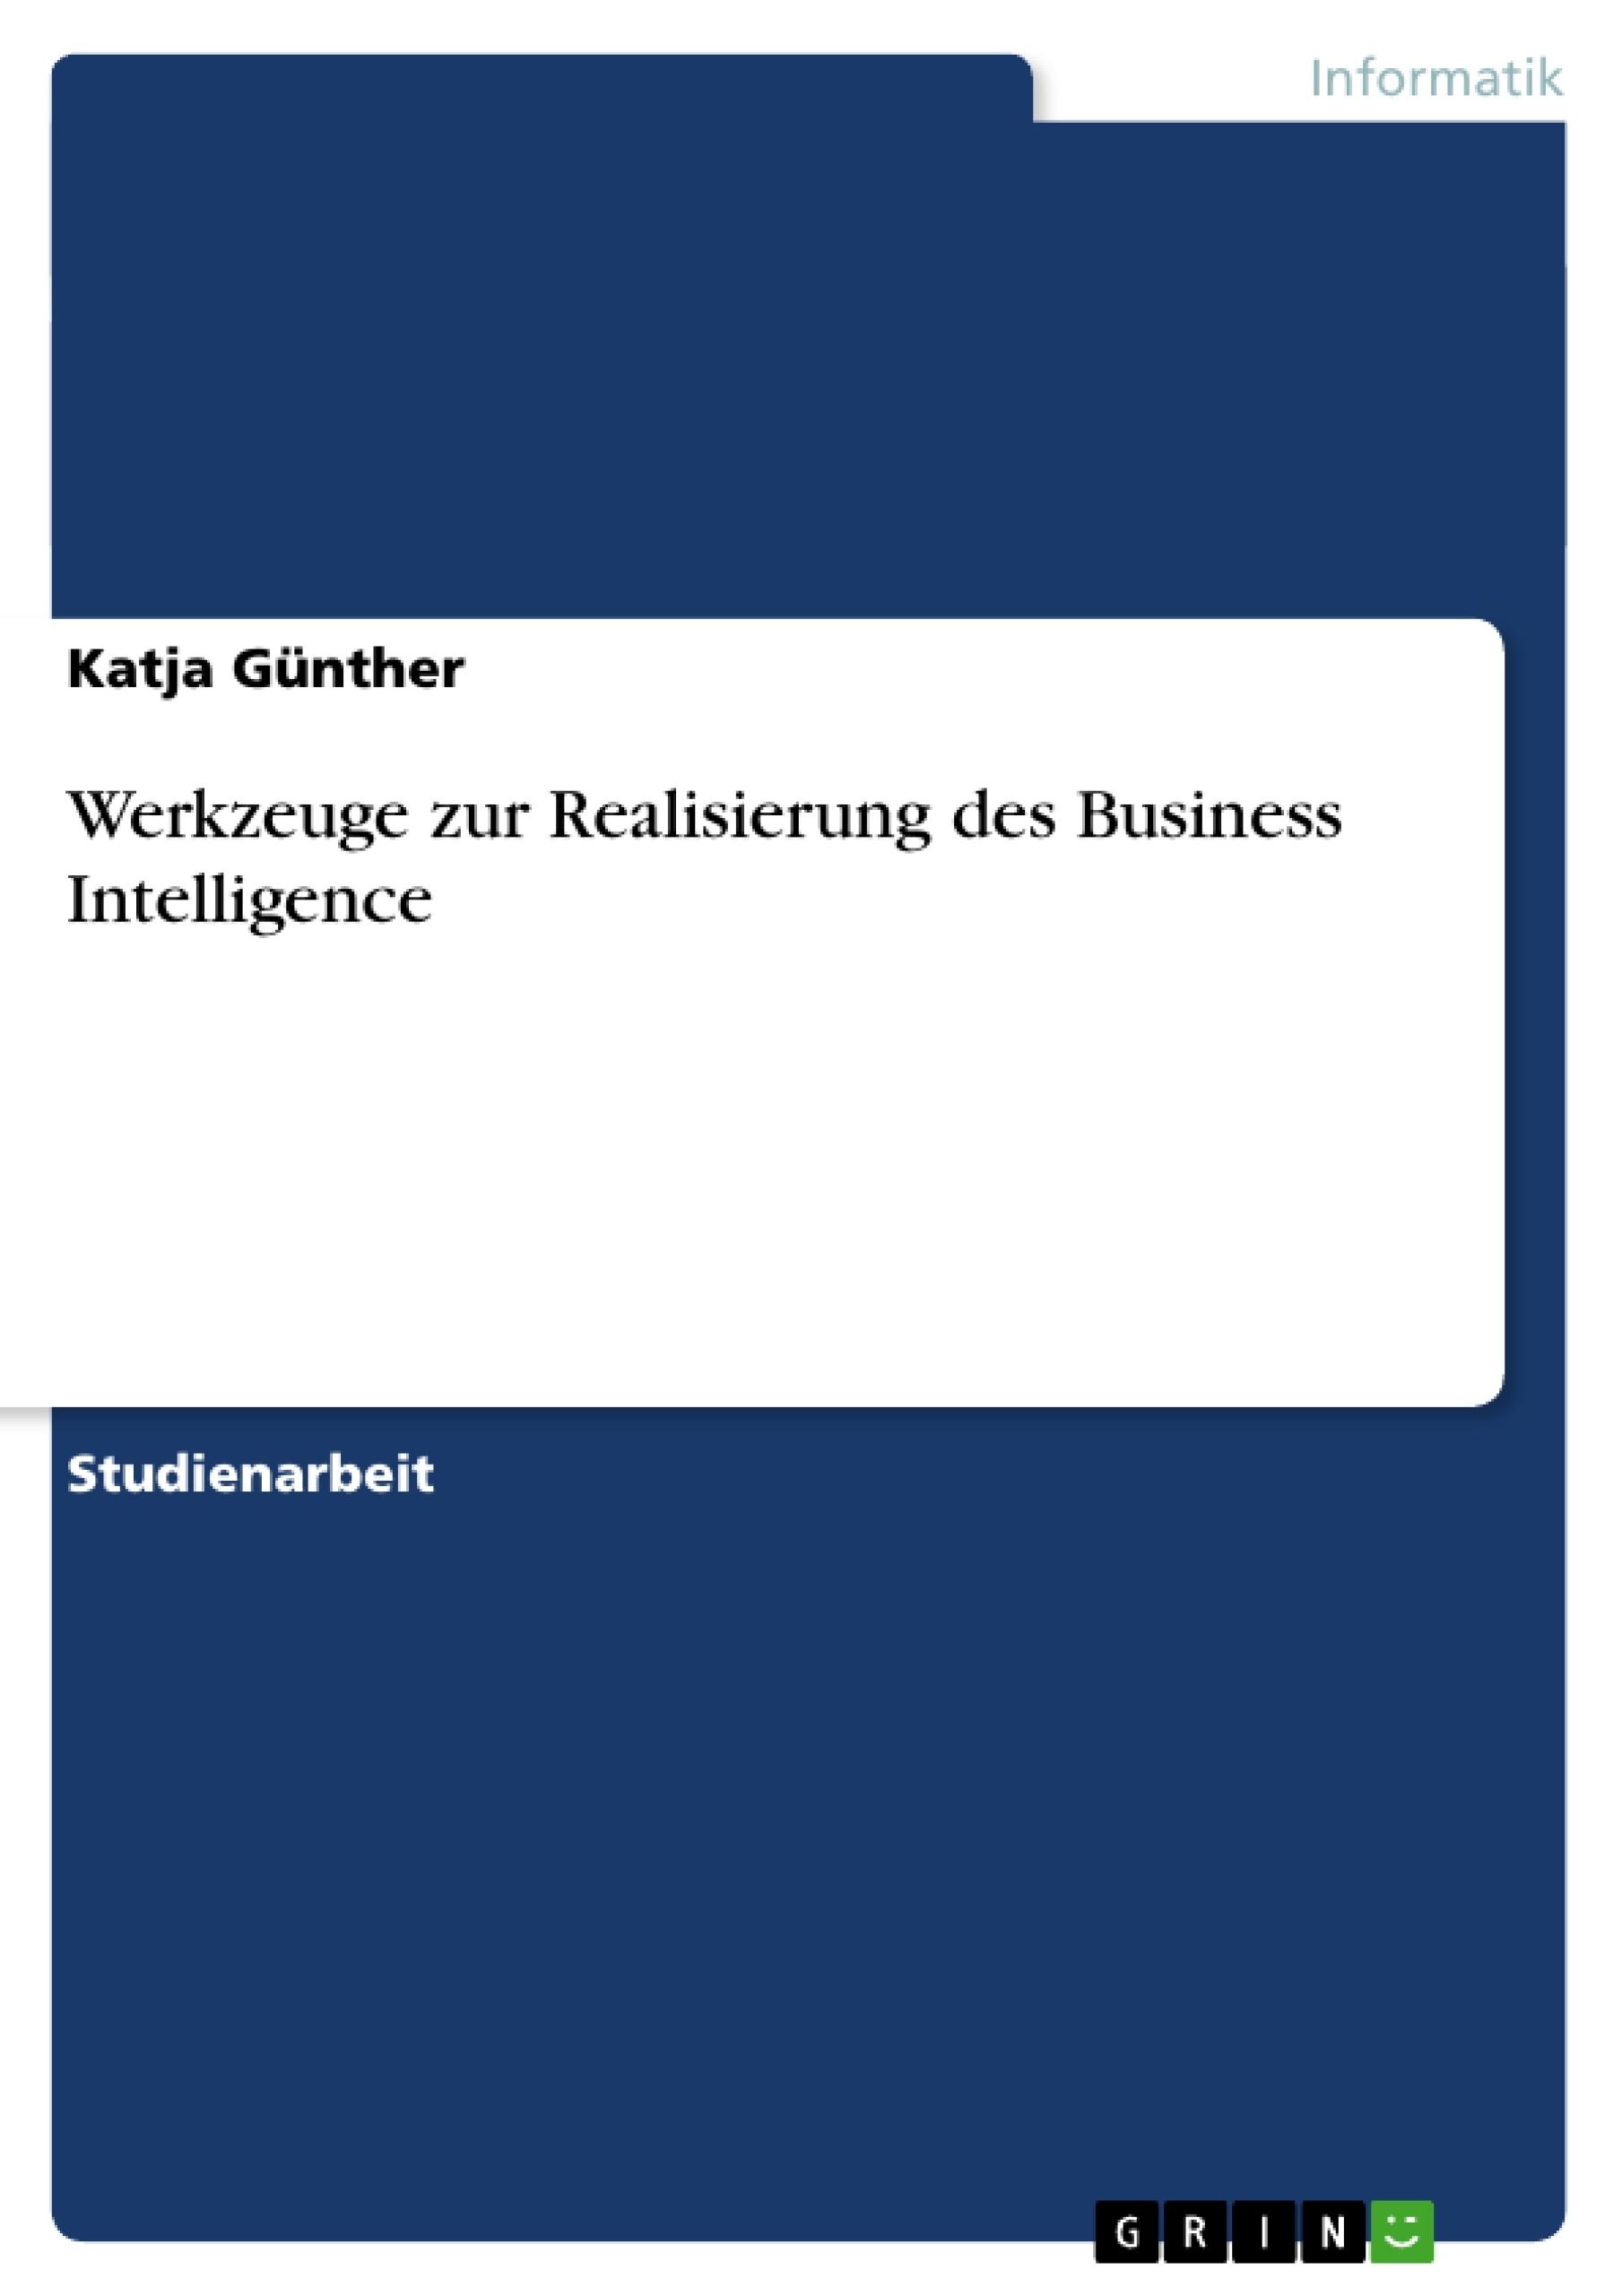 Titel: Werkzeuge zur Realisierung des Business Intelligence